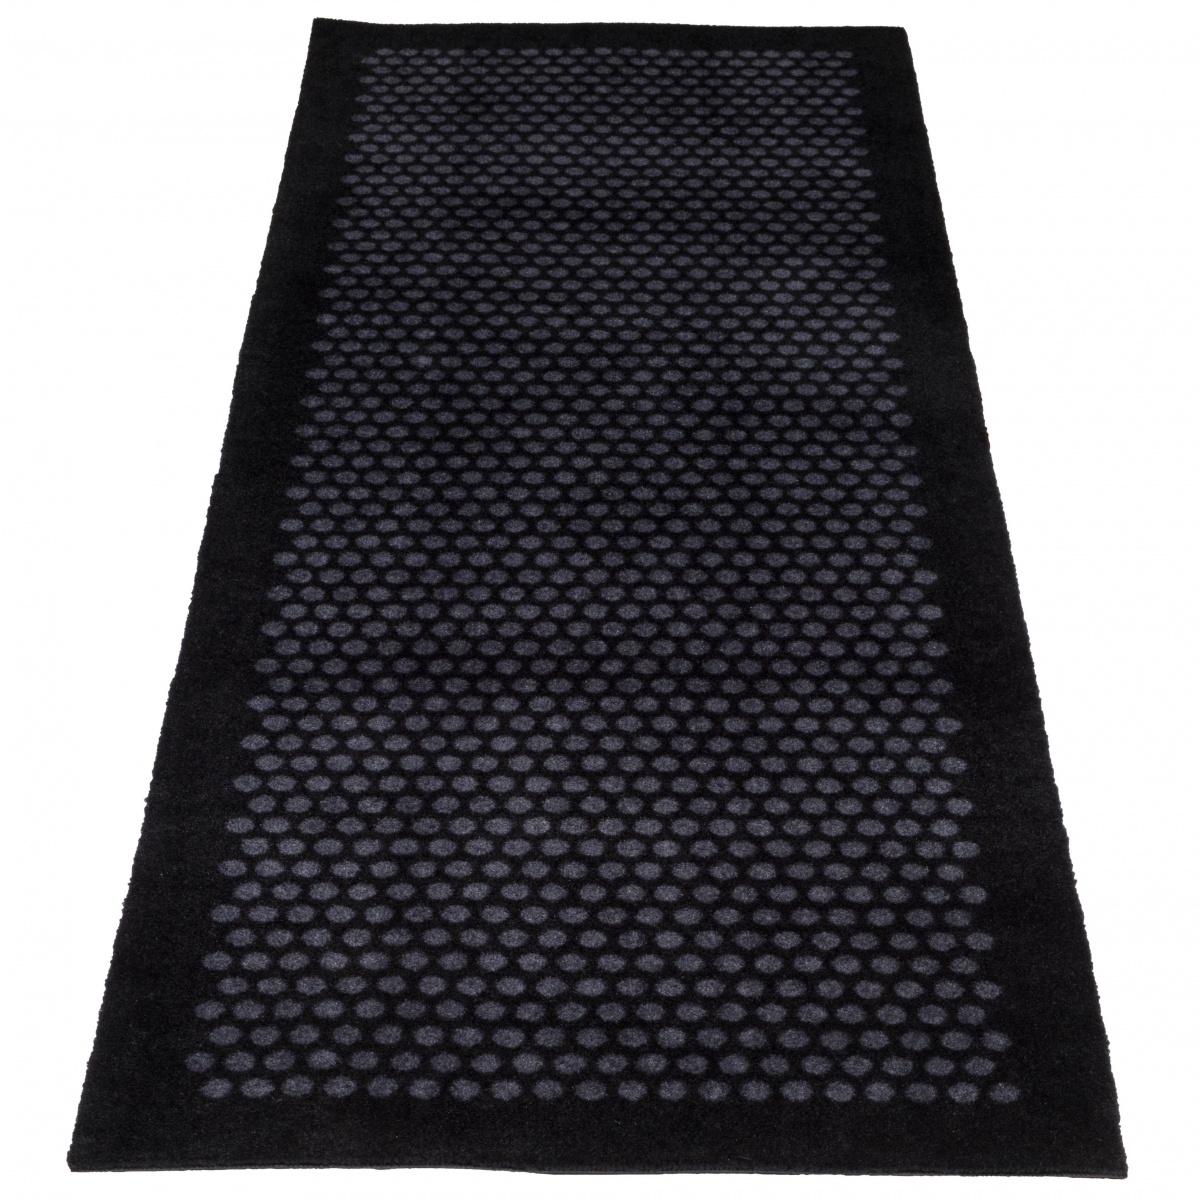 Tica dørmåtte/løber, 67x200 - Prikker, sort/grå